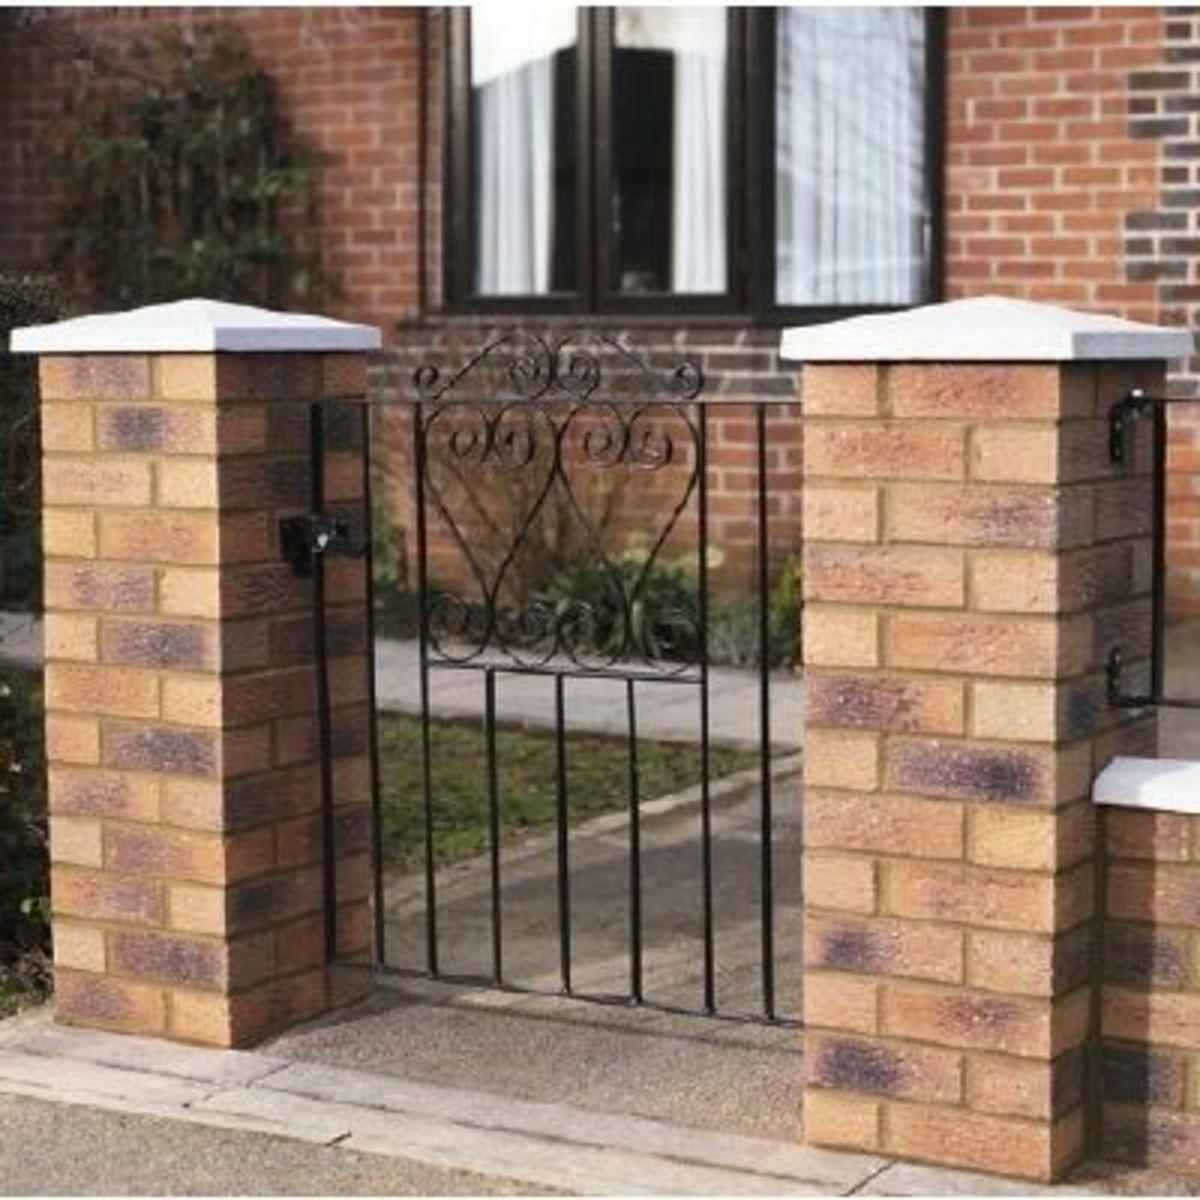 Wrought Iron gates - Single iron gates - Chelsea gate